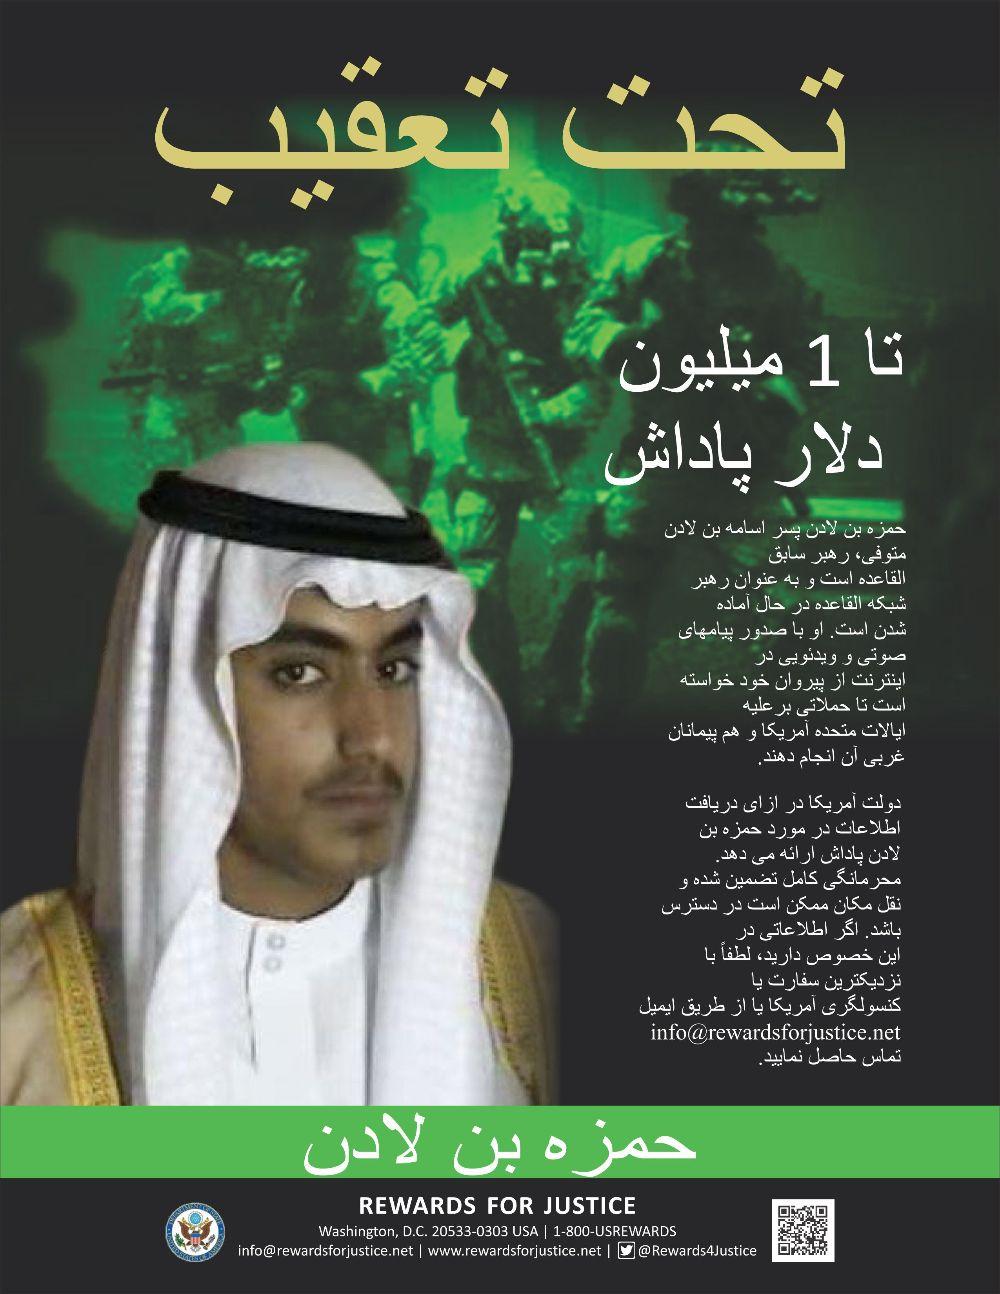 جزئیات کامل پاداش ۱ میلیون دلاری برای حمزه بن لادن !